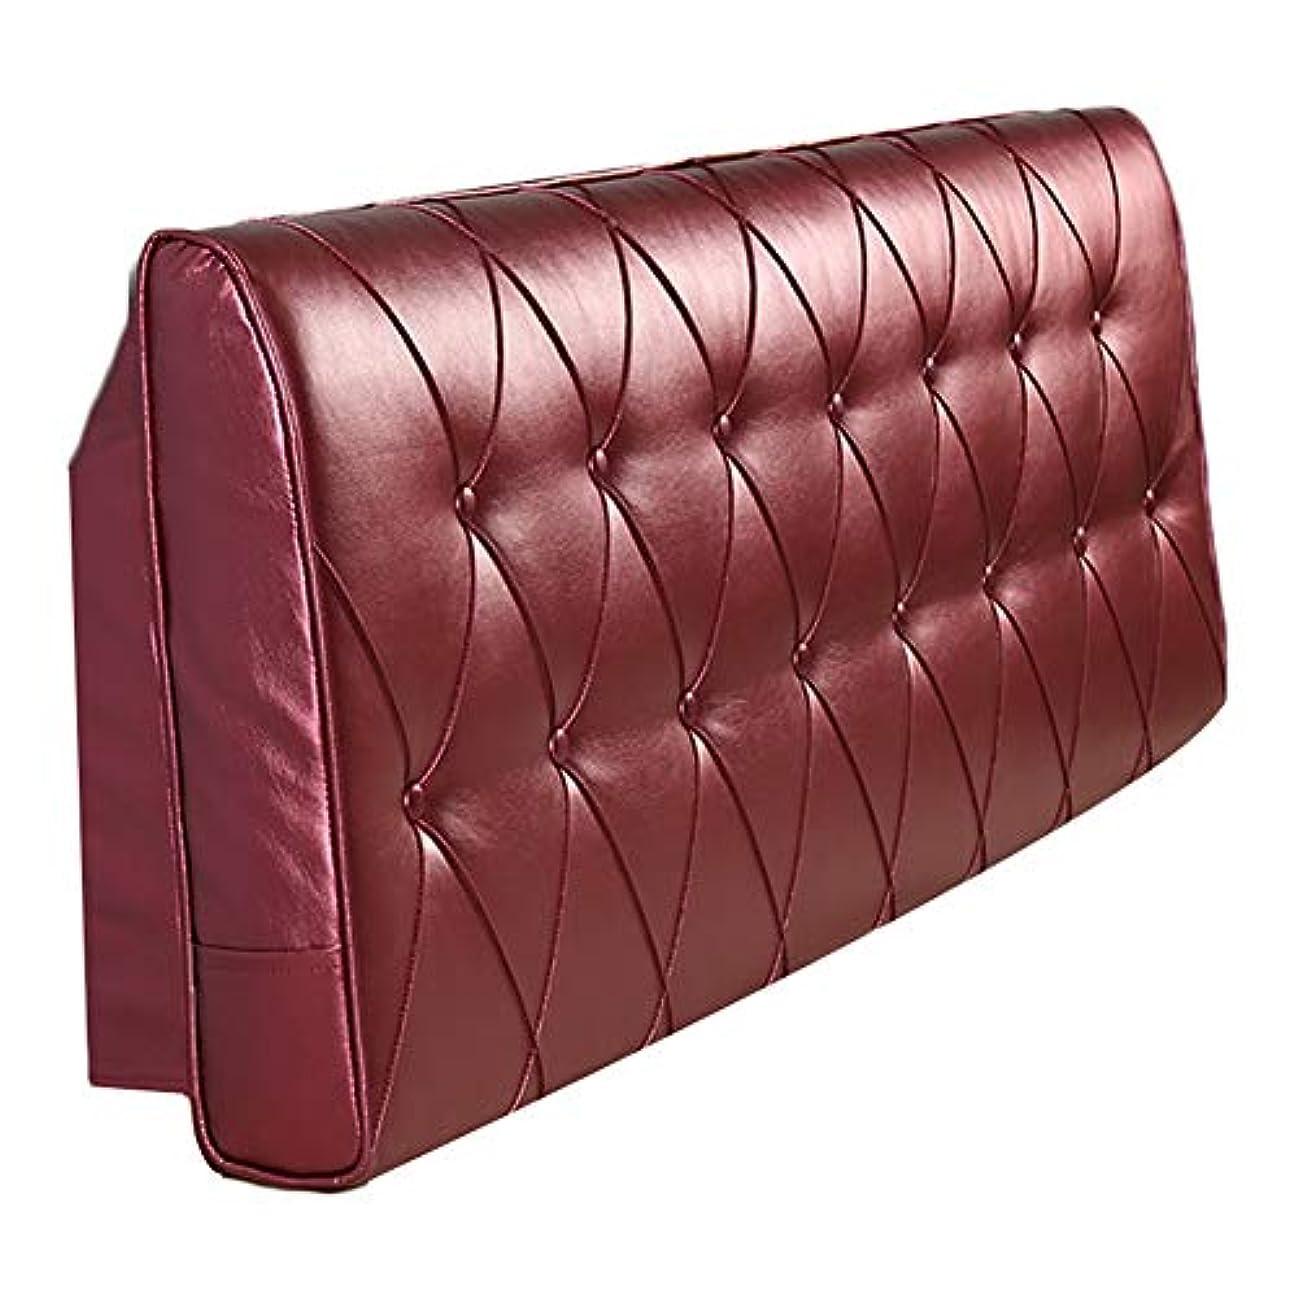 騒乱雹付添人LIANGLIANG クションベッドの背もたれ ヘッドボード付き 休憩枕 フィラー 柔らかい 抗アレルギー 耐摩耗性 長い人生、 6サイズ (Color : B, Size : 190CM)